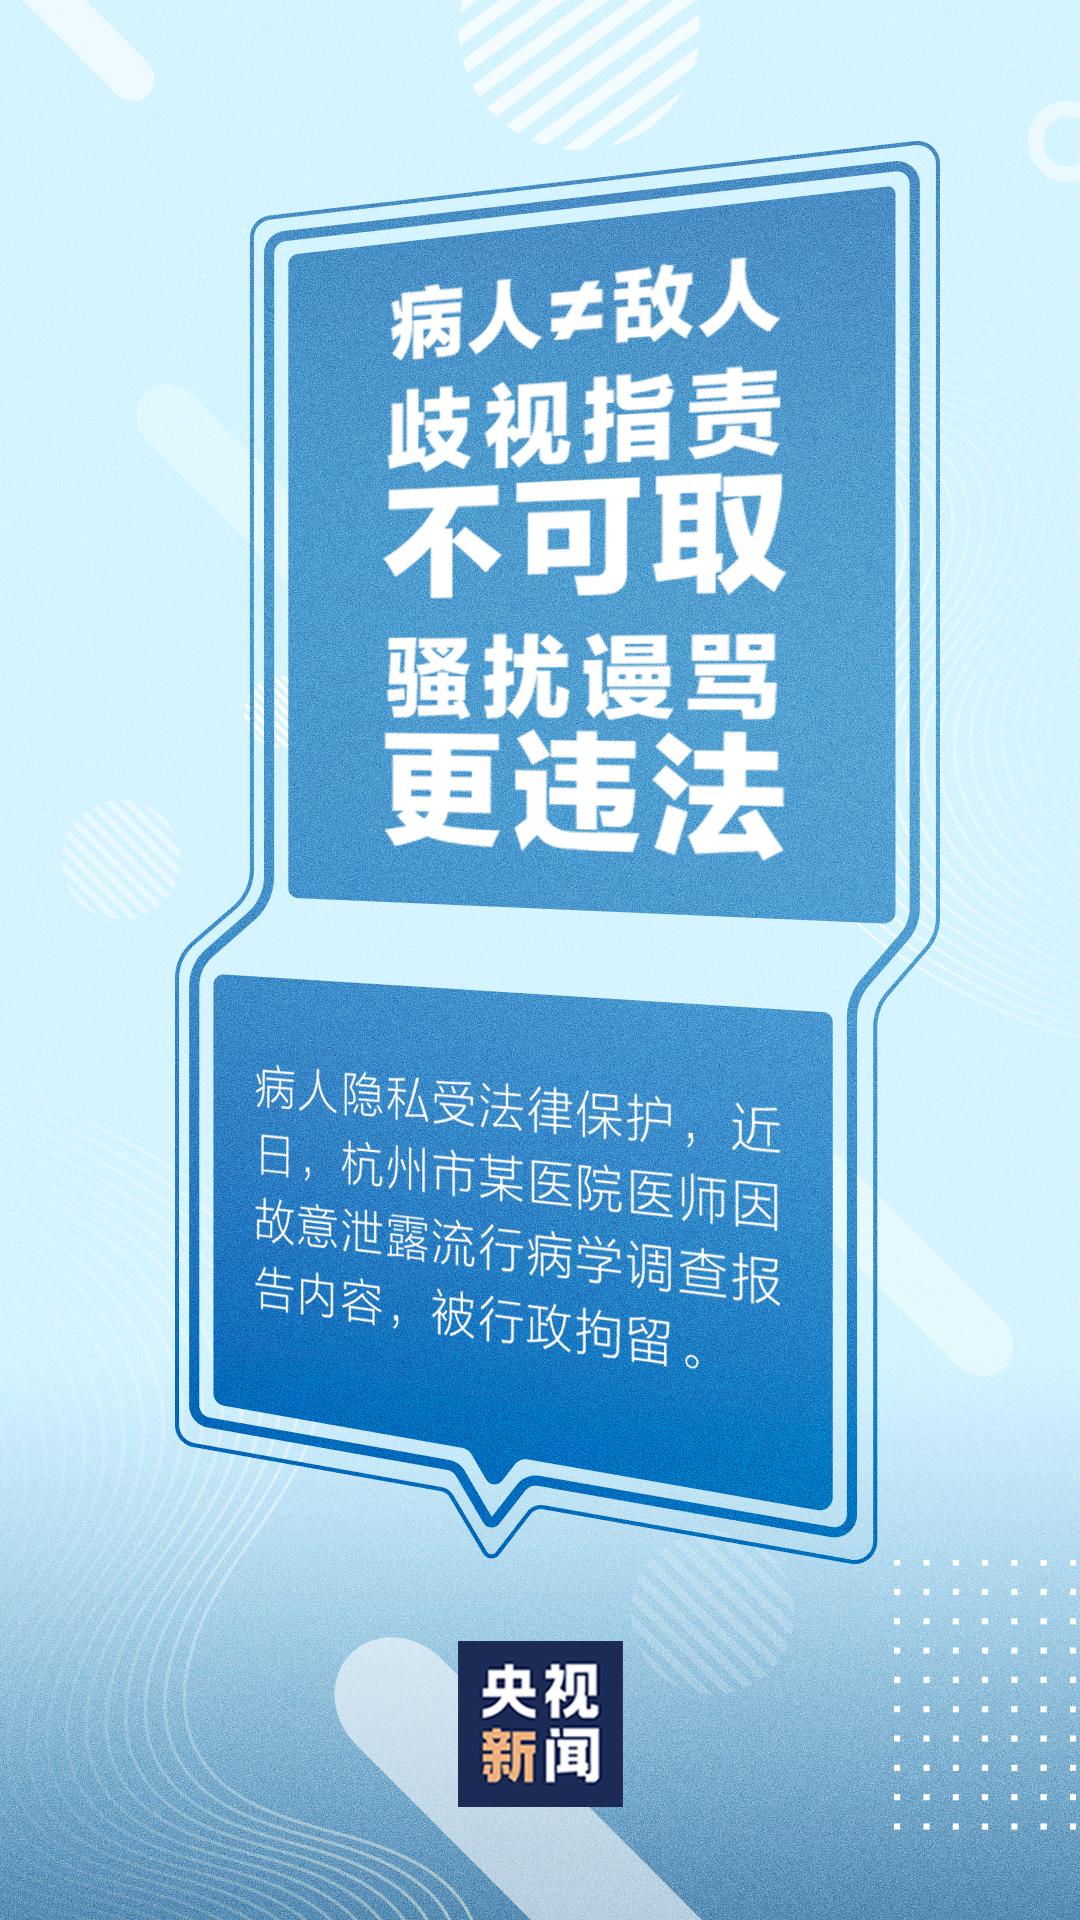 据报导SAMSUNG押注根本型号 预备年夜幅下调Galaxy S21当地价钱